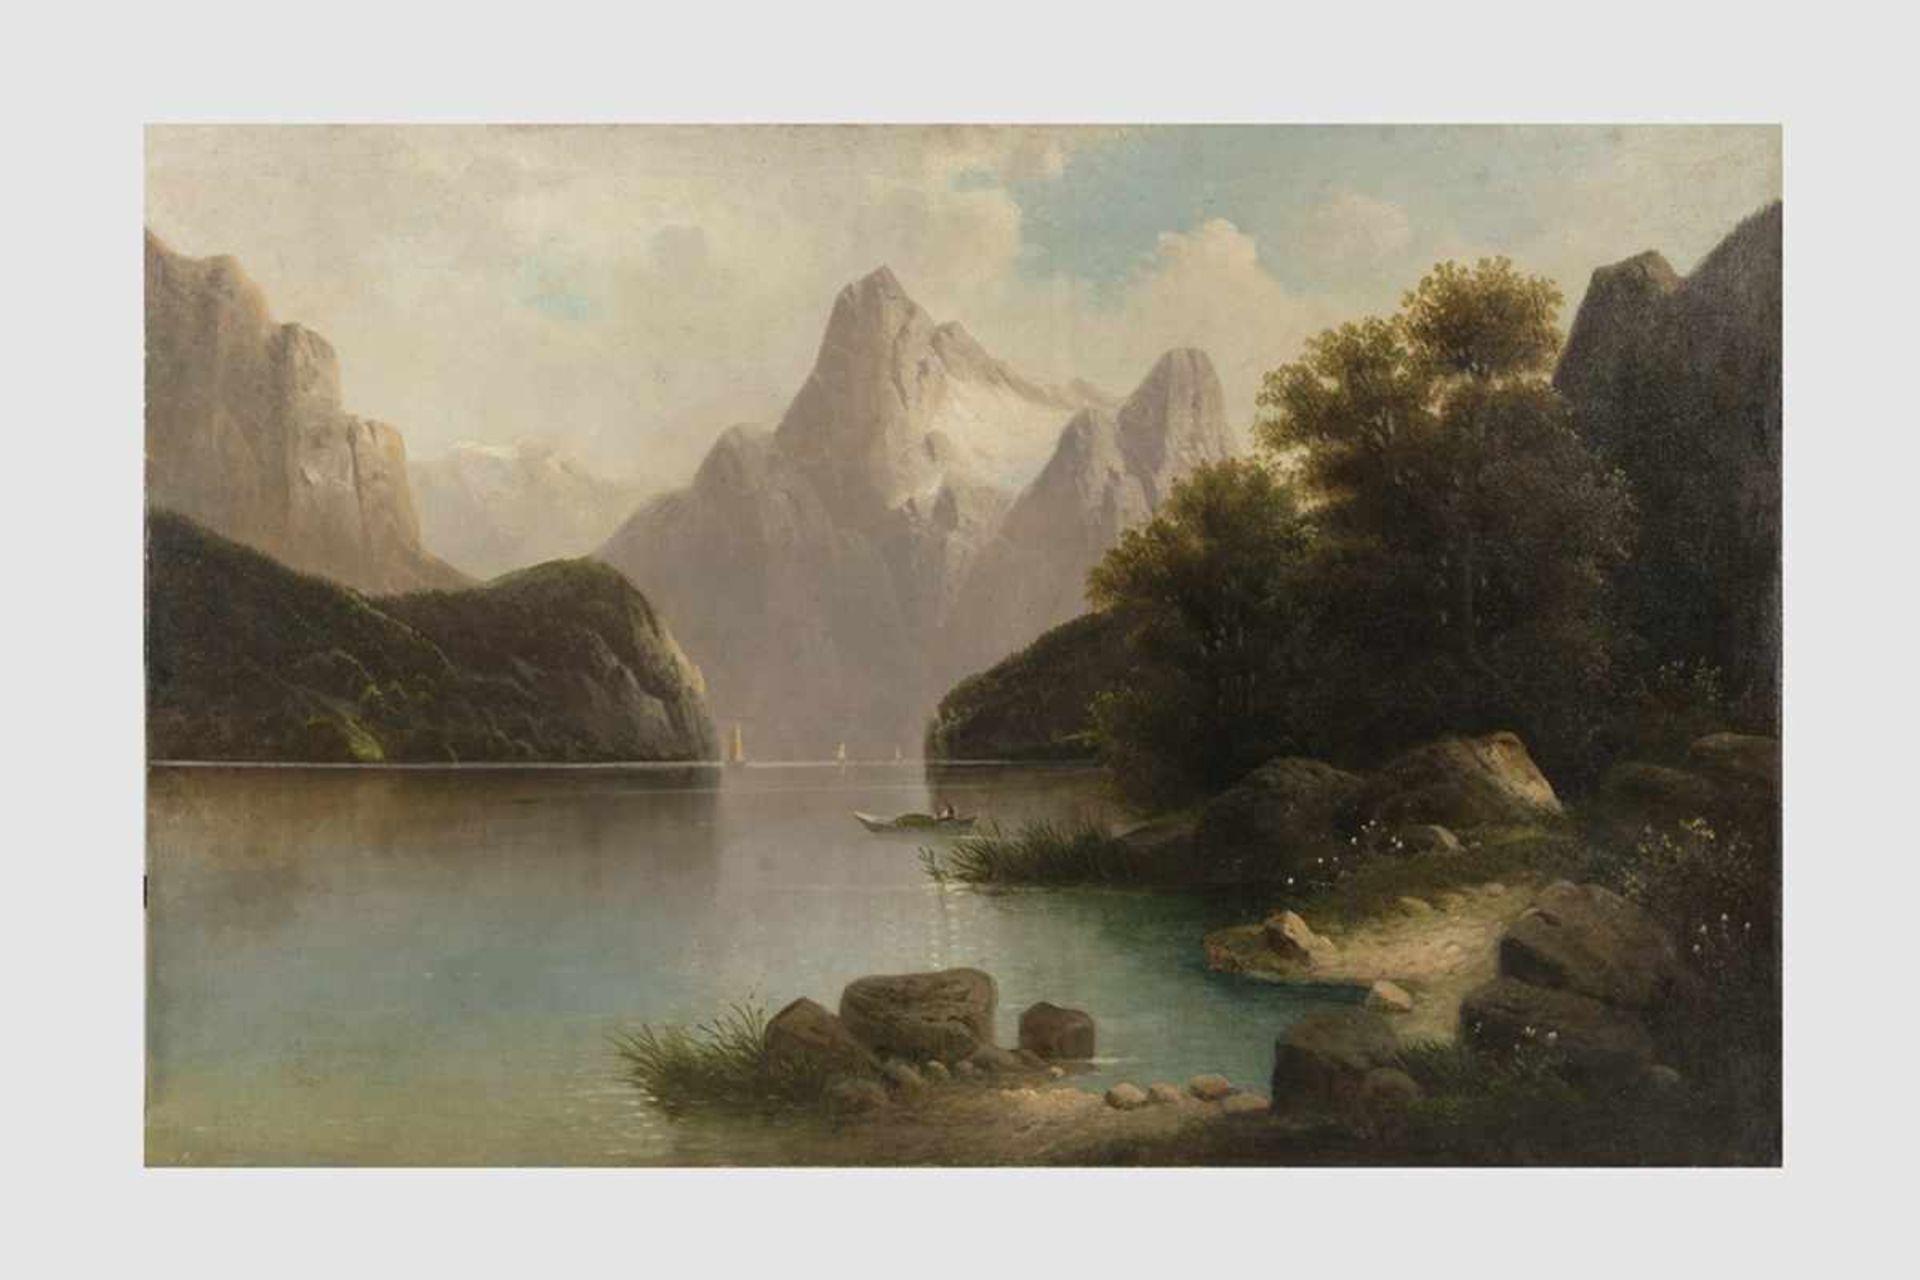 Künstler Anfang 20.Jh,Landschaftsdarstellung mit See und Berge, Öl auf Leinwand, 68x105 cm, o.